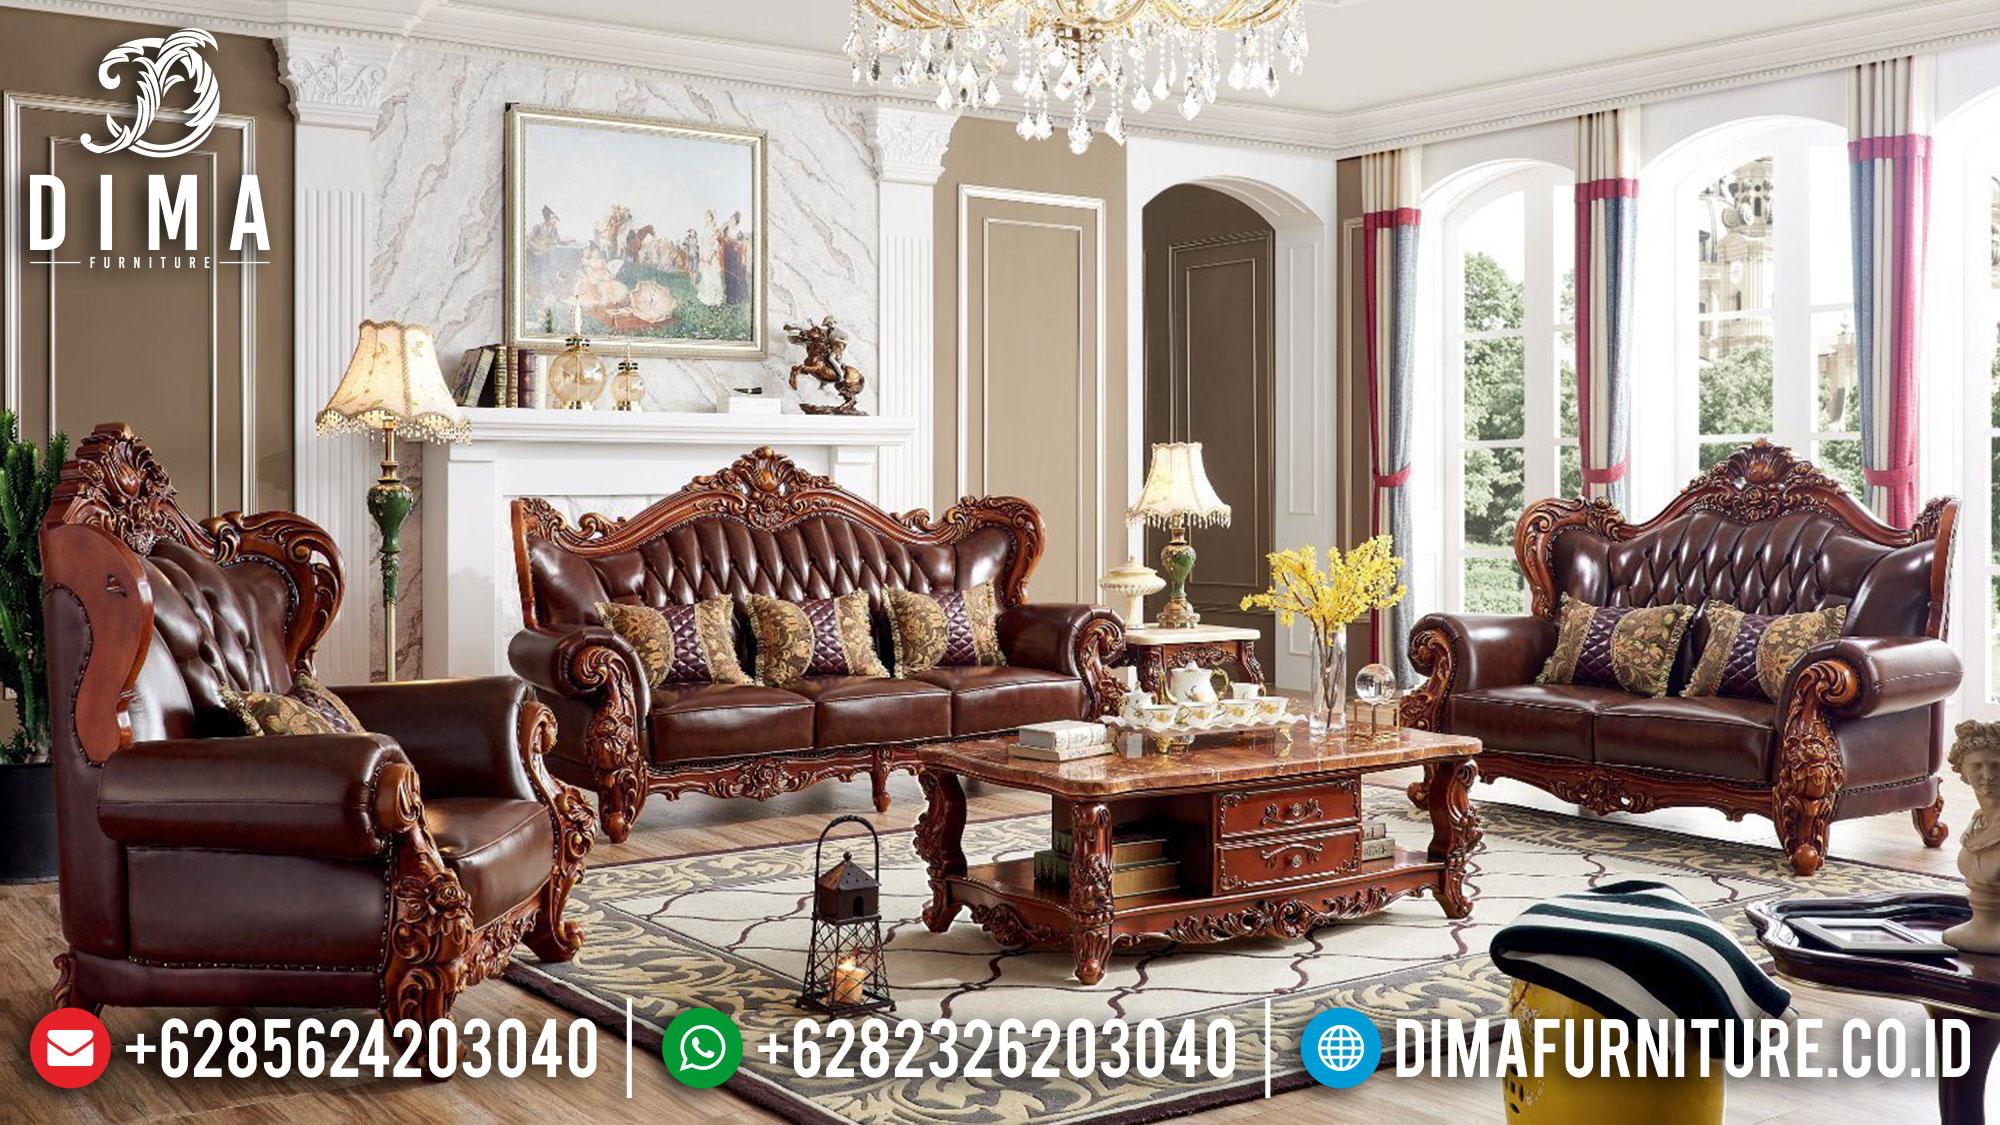 Sofa Tamu Mewah, Kursi Tamu Ukiran, Set Ruang Tamu Luxury Elegant Style TTJ-1525